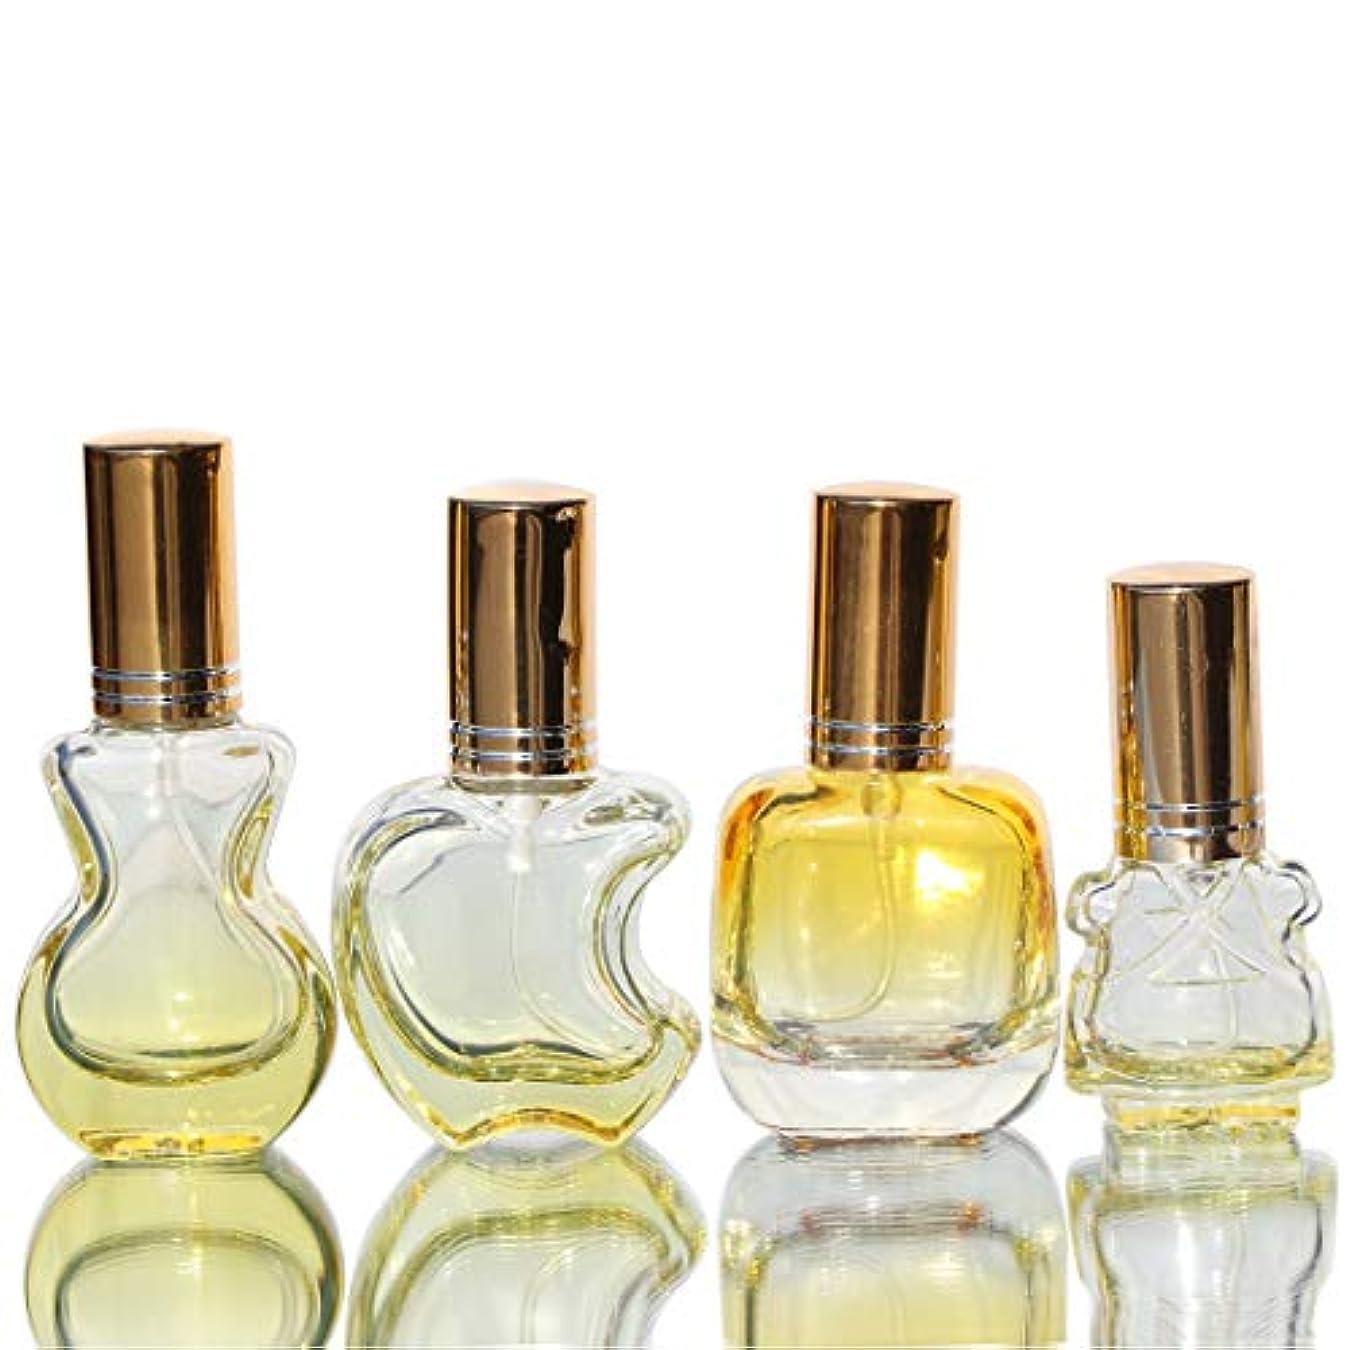 傘商標ありそうWaltz&F カラフル ガラス製香水瓶 フレグランスボトル 詰替用瓶 空き アトマイザー 分け瓶 旅行用品 化粧水用瓶